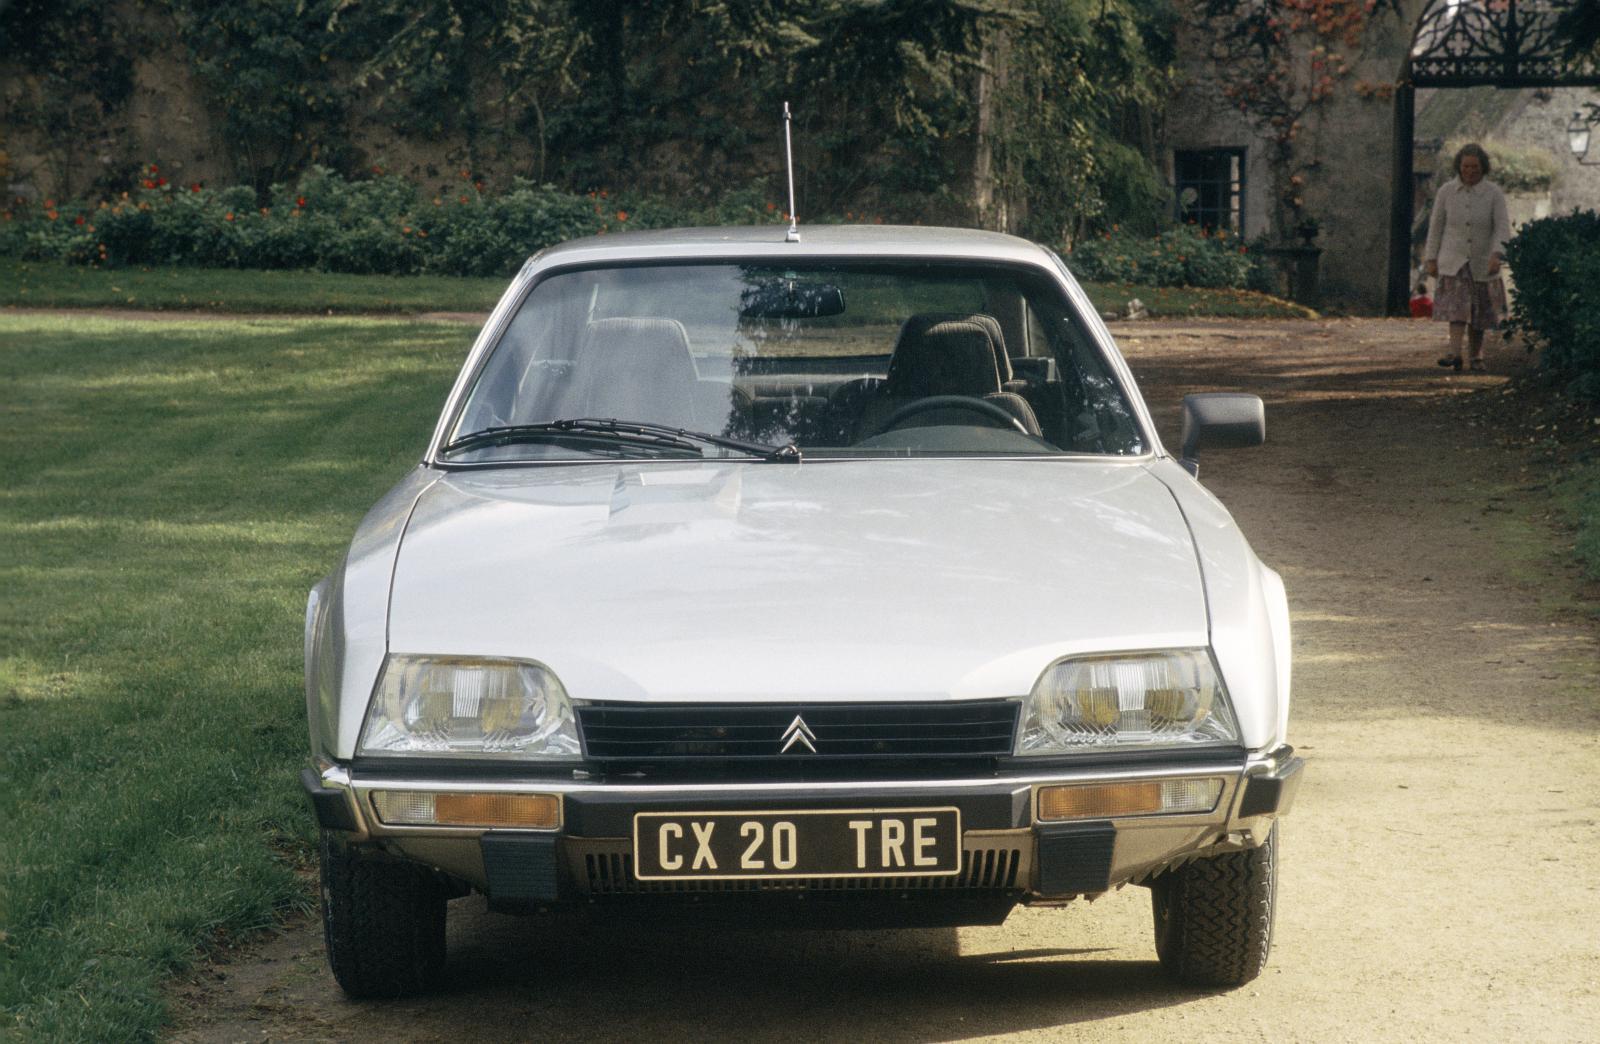 CX 20 TRE 1982